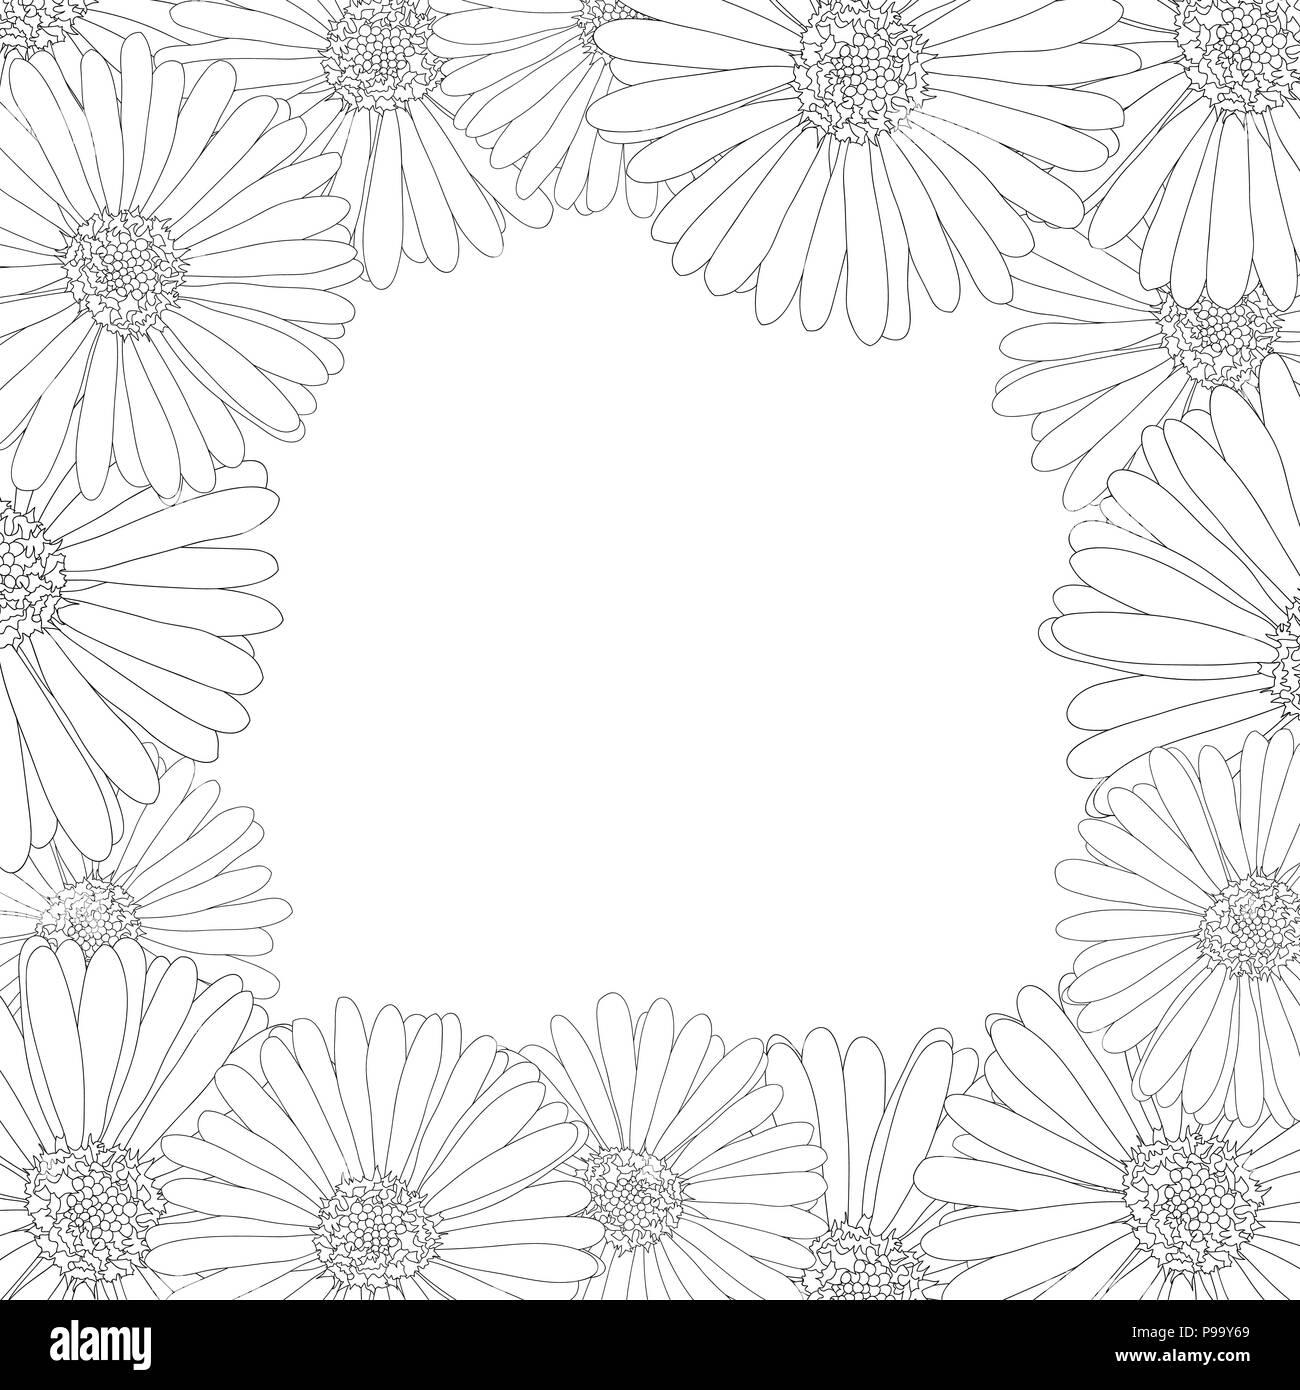 Aster Daisy Flower Outline Border Vector Illustration Stock Vector